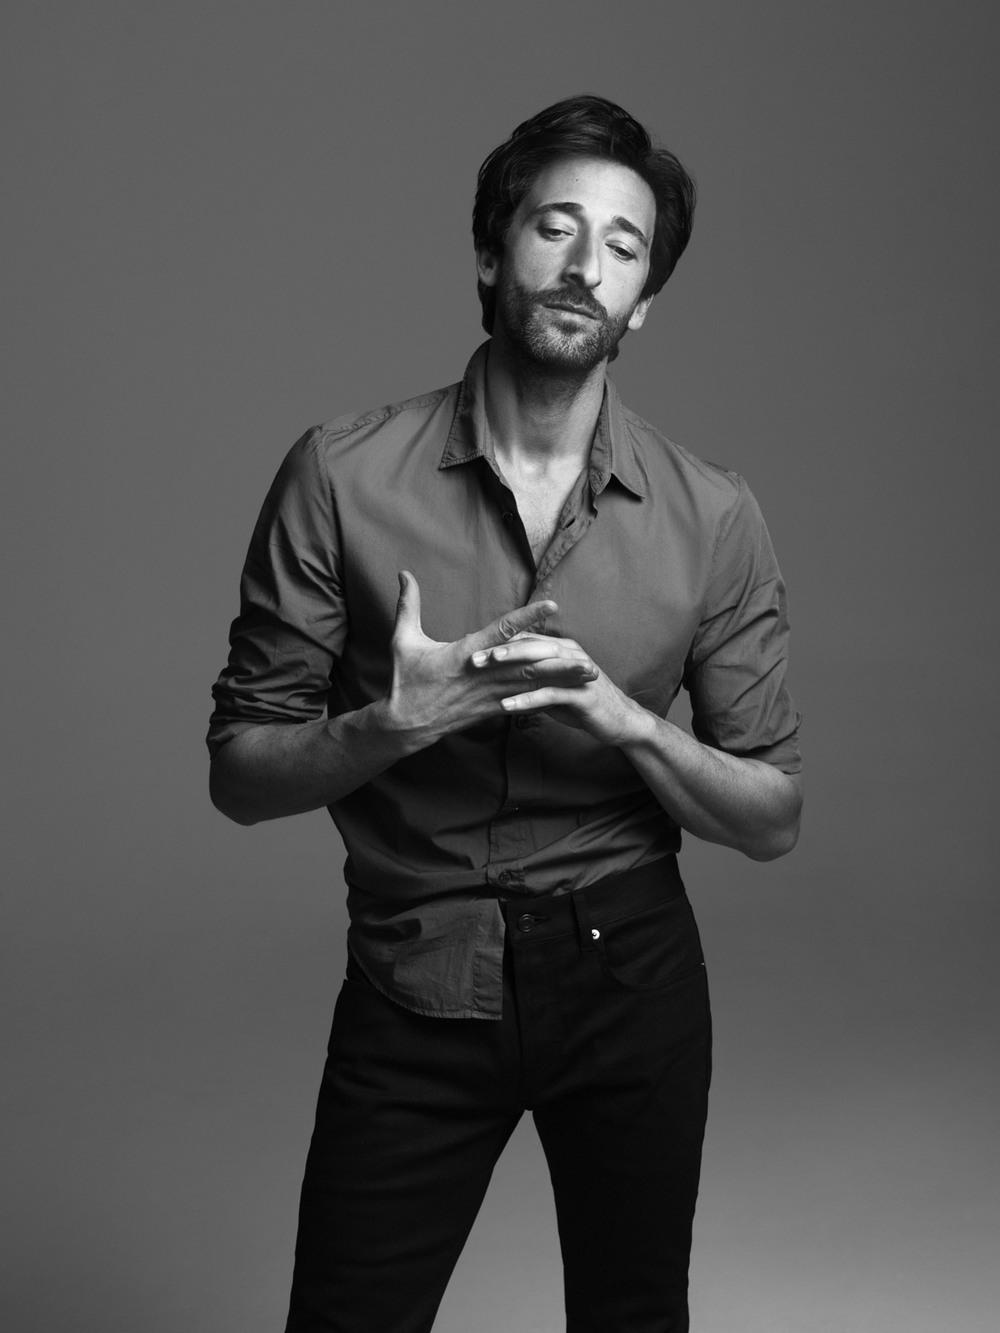 Adrien-Brody-1.jpg